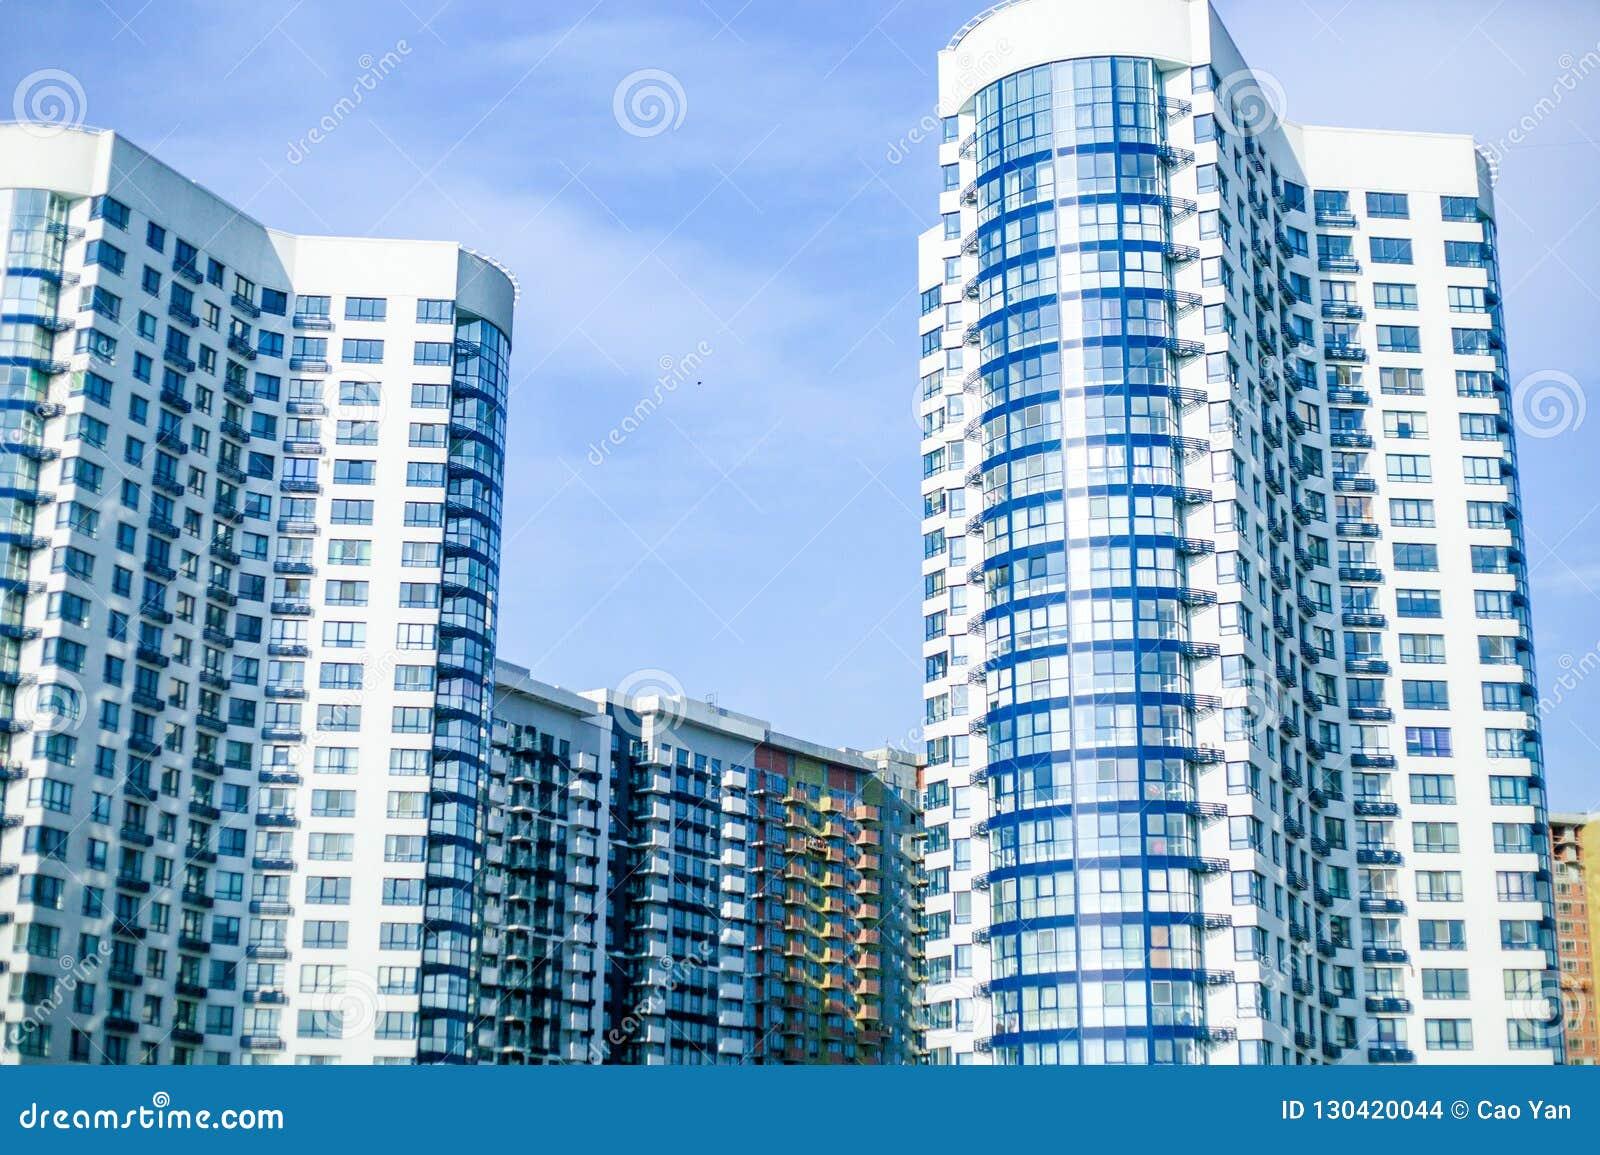 Современные жилые комплексы для продажи, современные здания с большими окнами